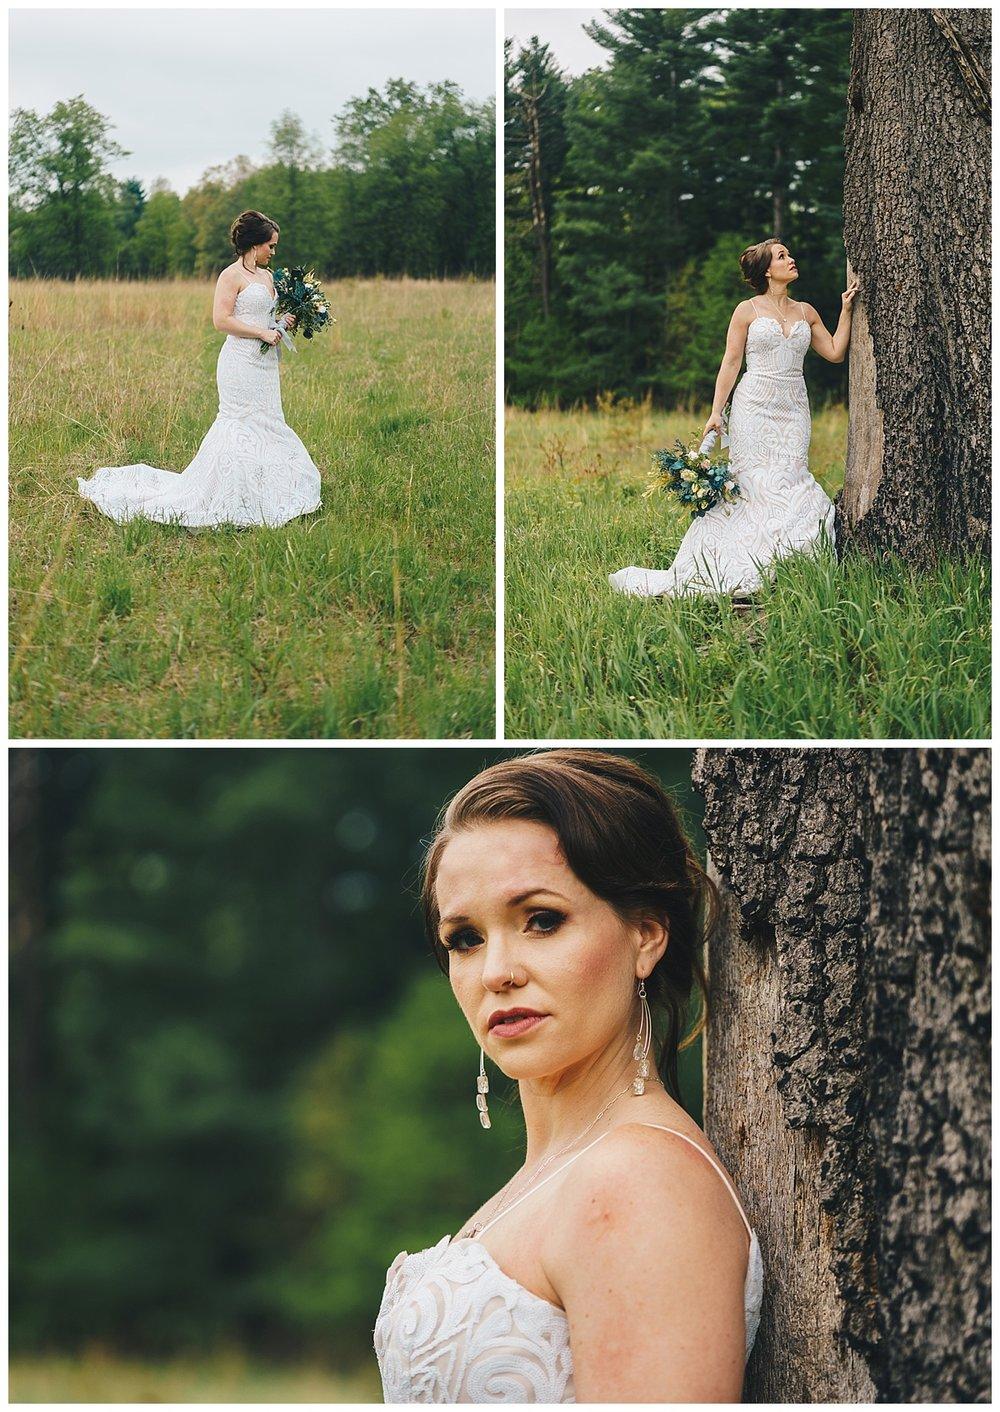 Nashville Wedding Photographer_Elegant Woods Styled Session-3